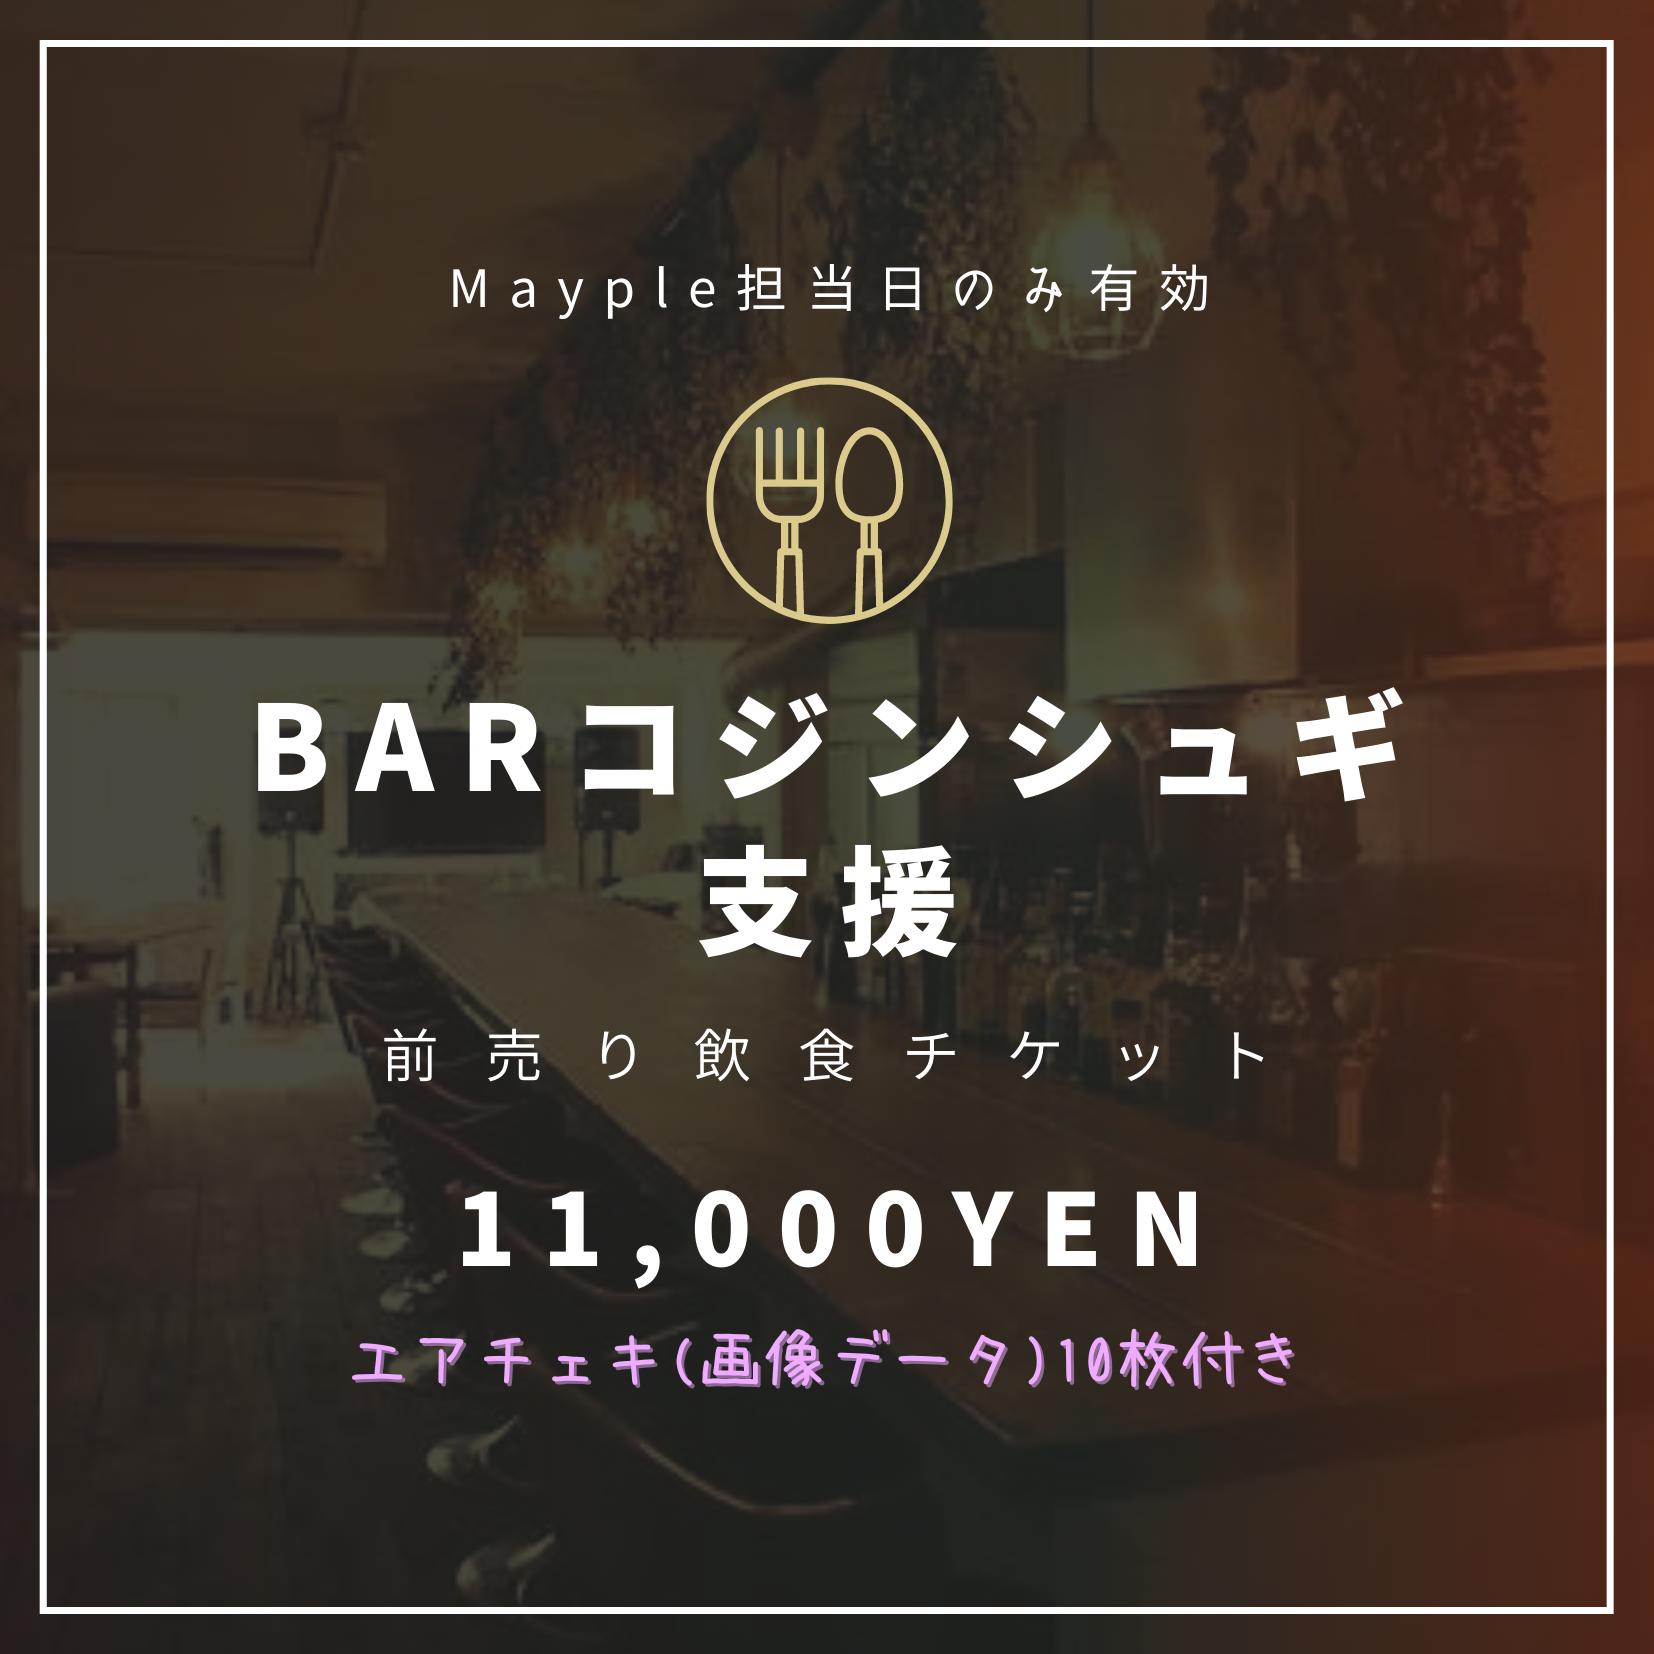 コジンシュギ支援・前売り飲食チケット 11000円分